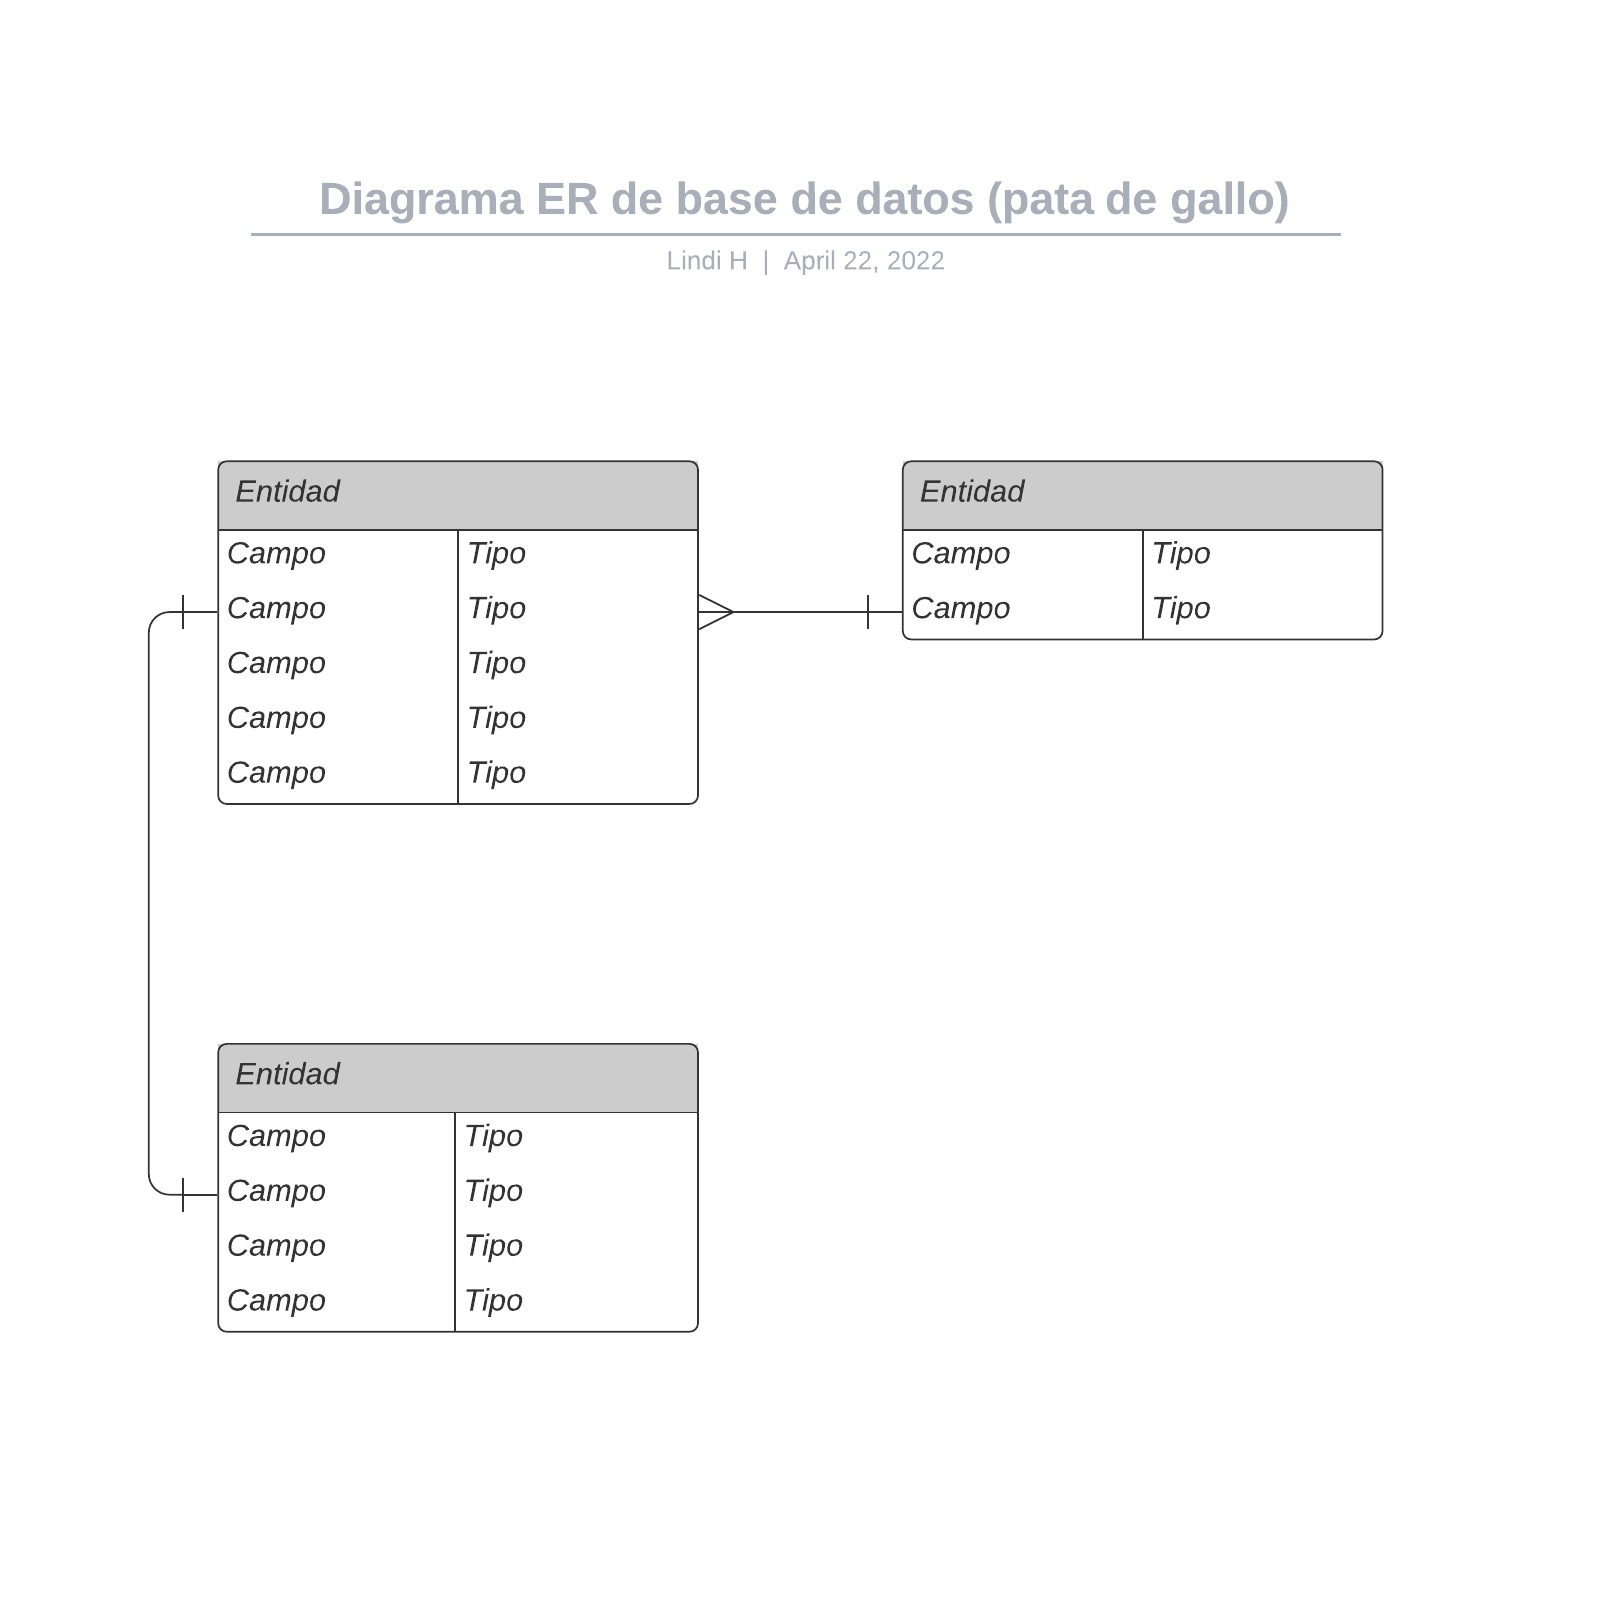 Diagrama ER de base de datos (pata de gallo)